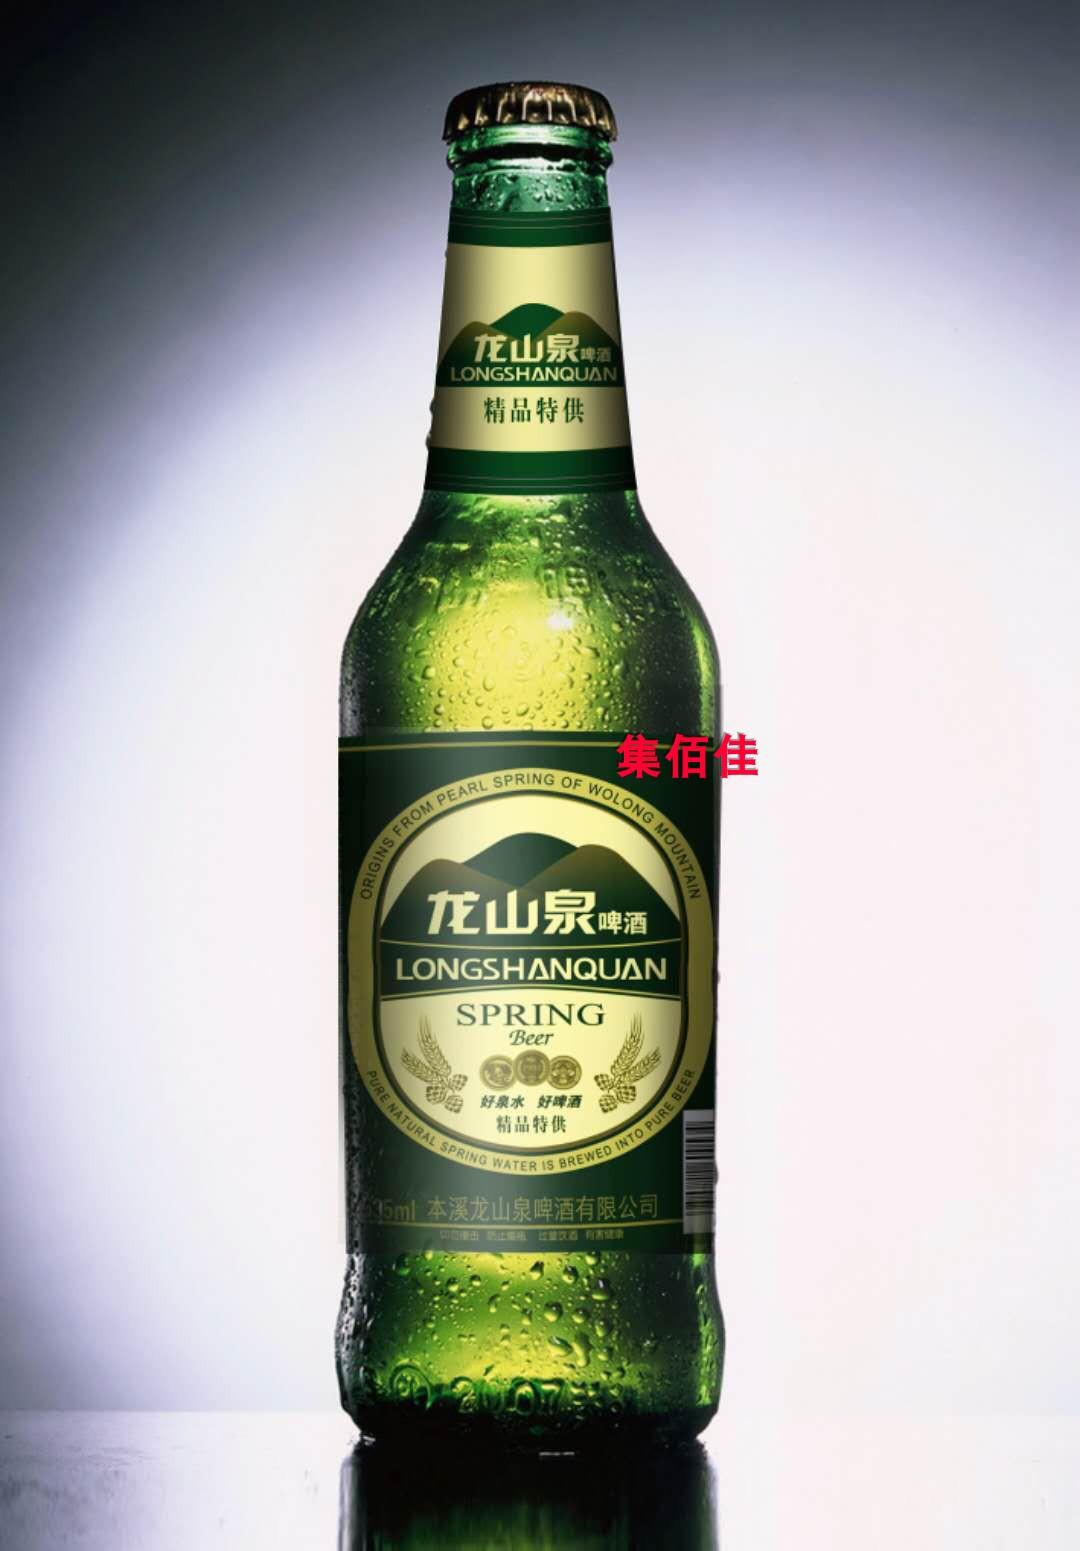 16瓶全国包邮辽宁本溪龙山泉啤酒酿造精品泉水啤酒整箱乌苏杯啤酒(非品牌)